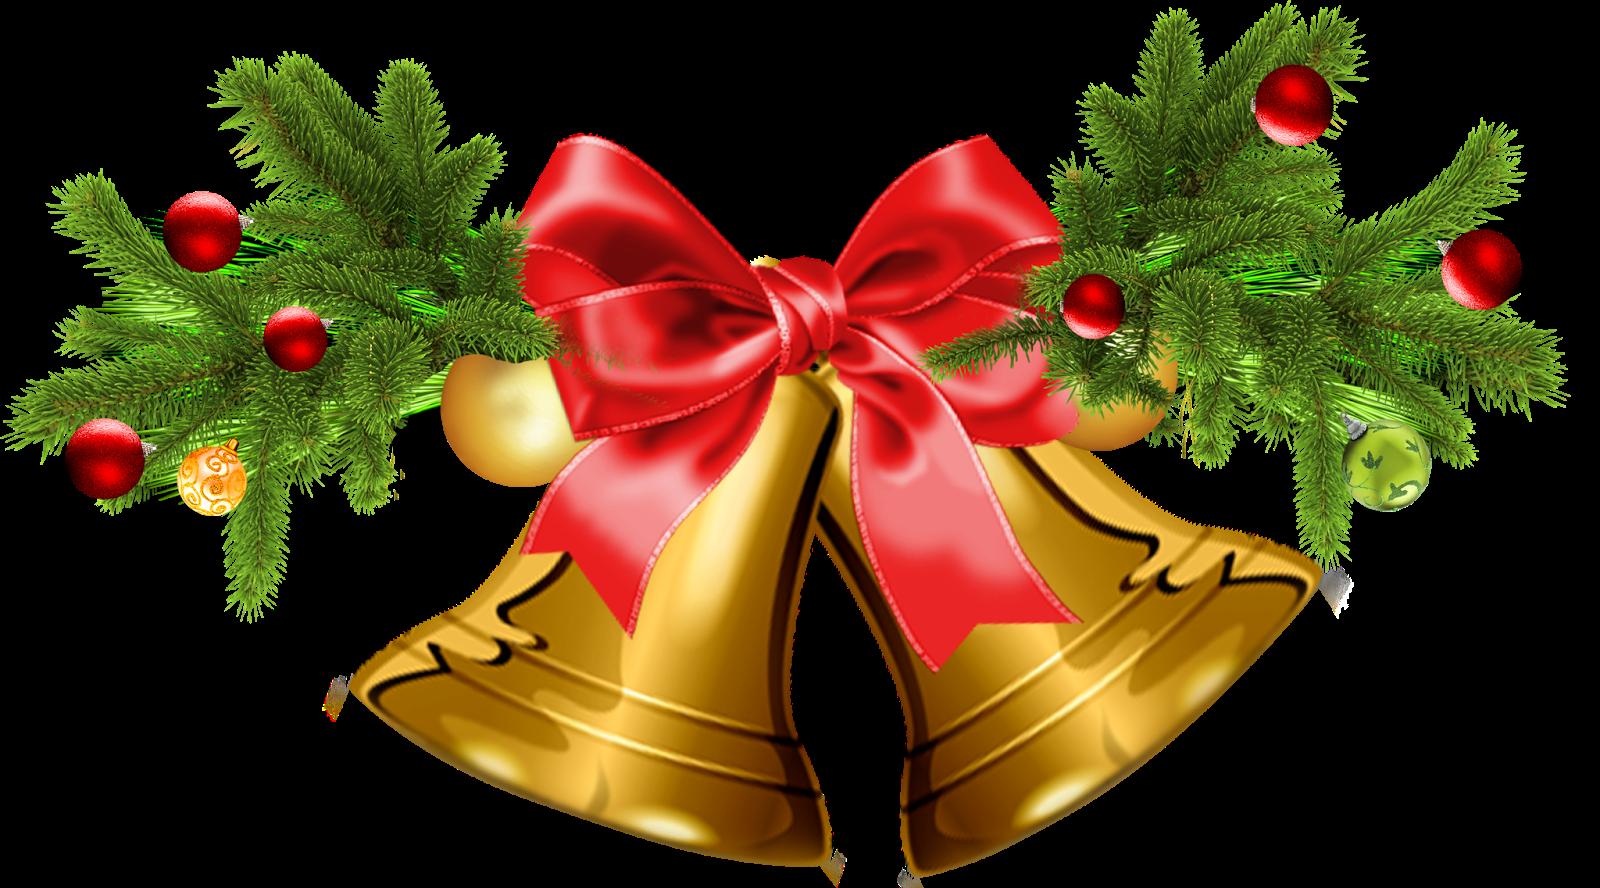 adornos de navidad con fondo transparente im genes de